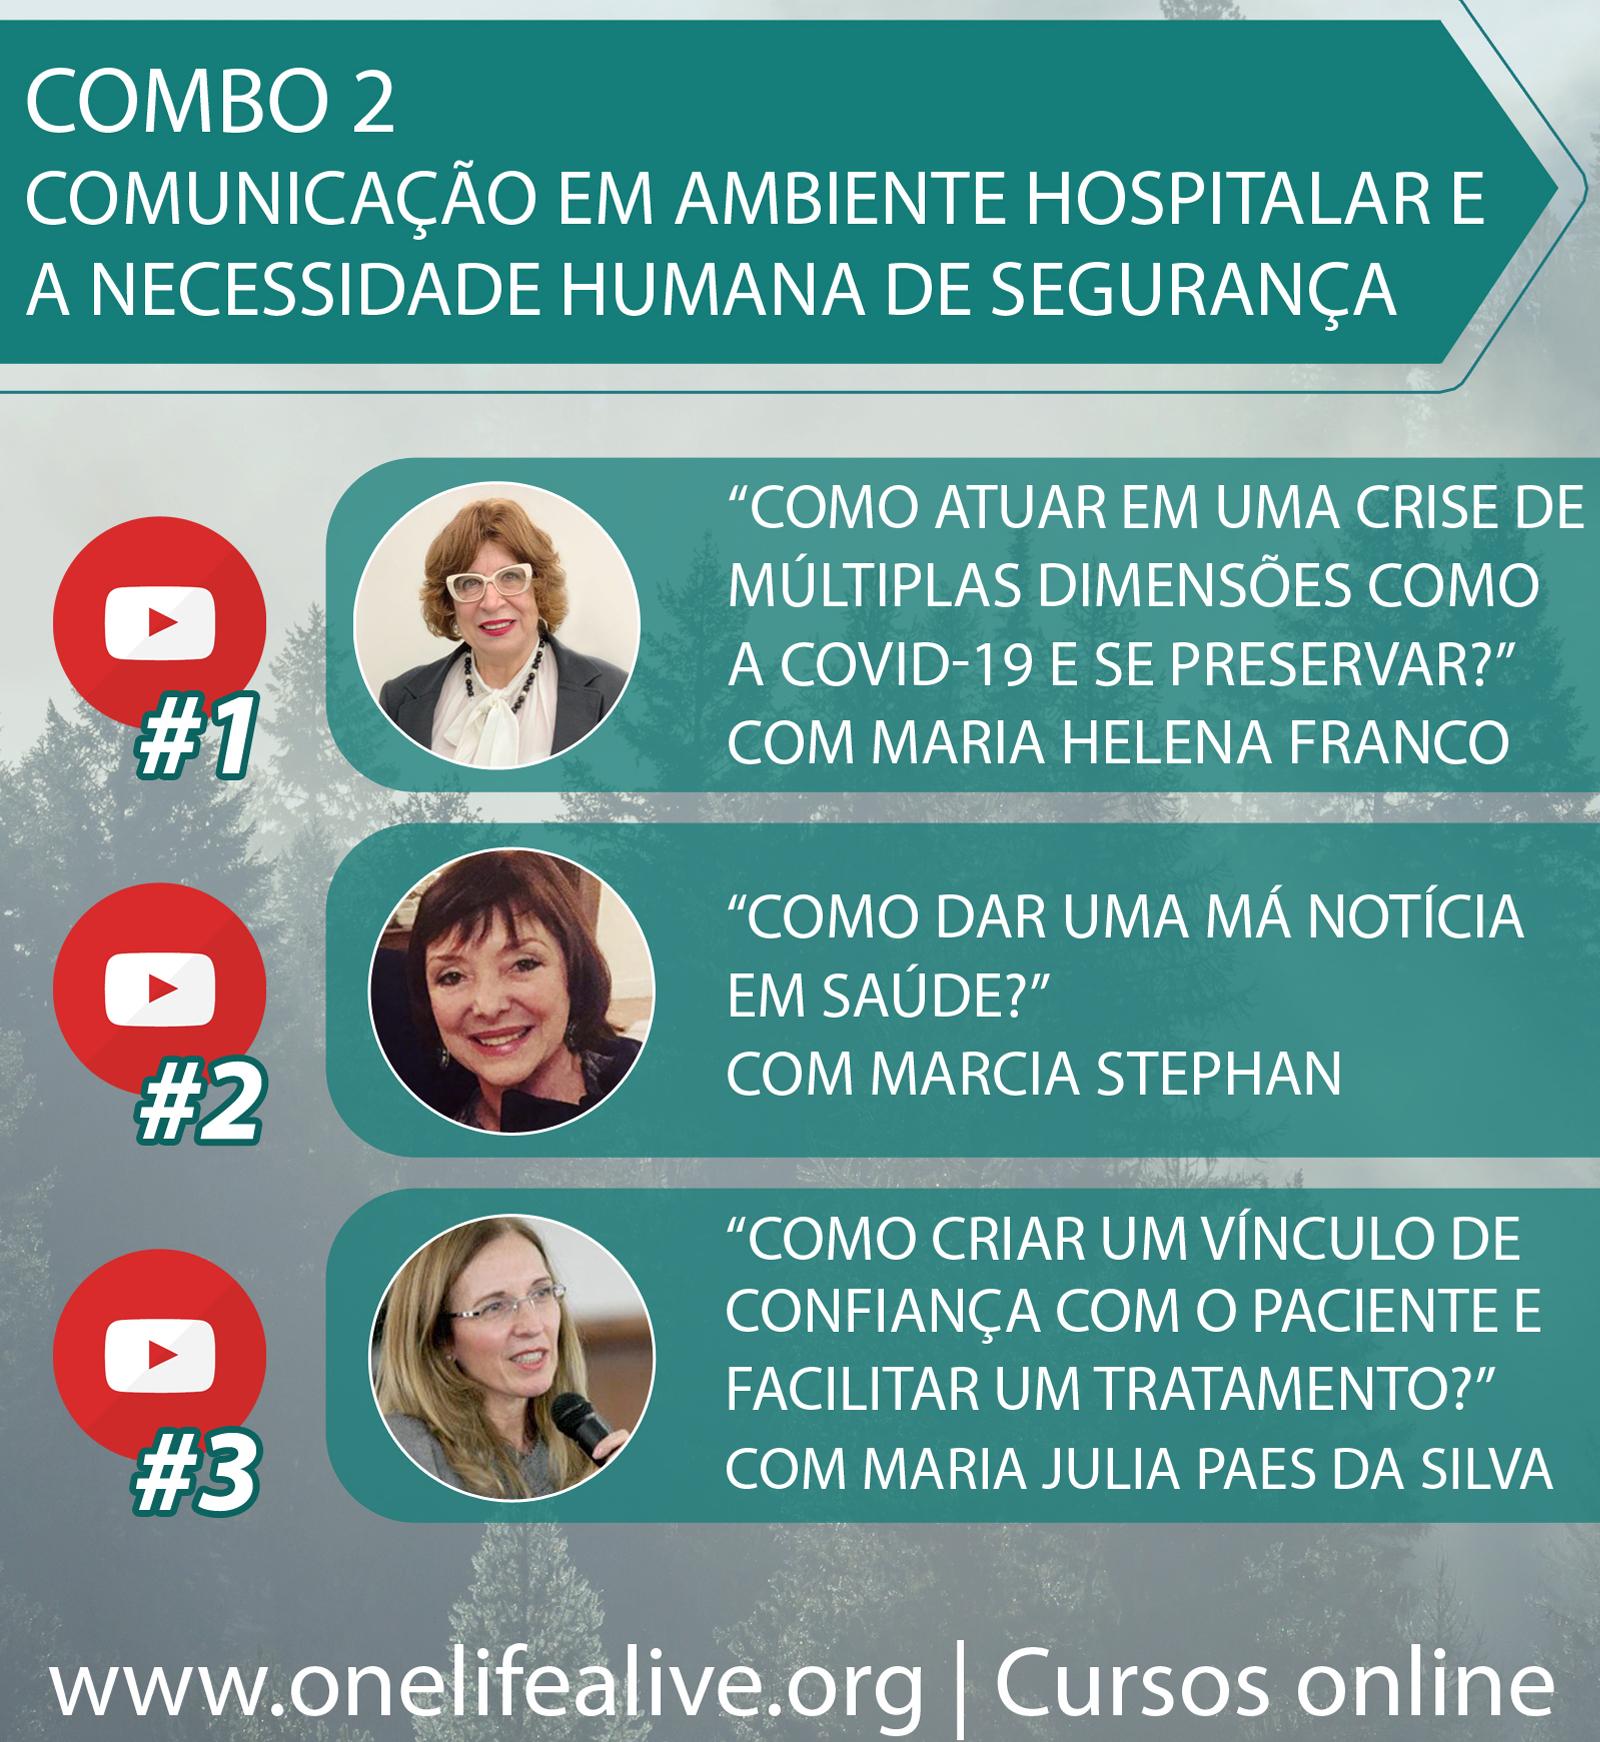 COMBO 2: Comunicação em ambiente hospitalar e a necessidade humana de segurança